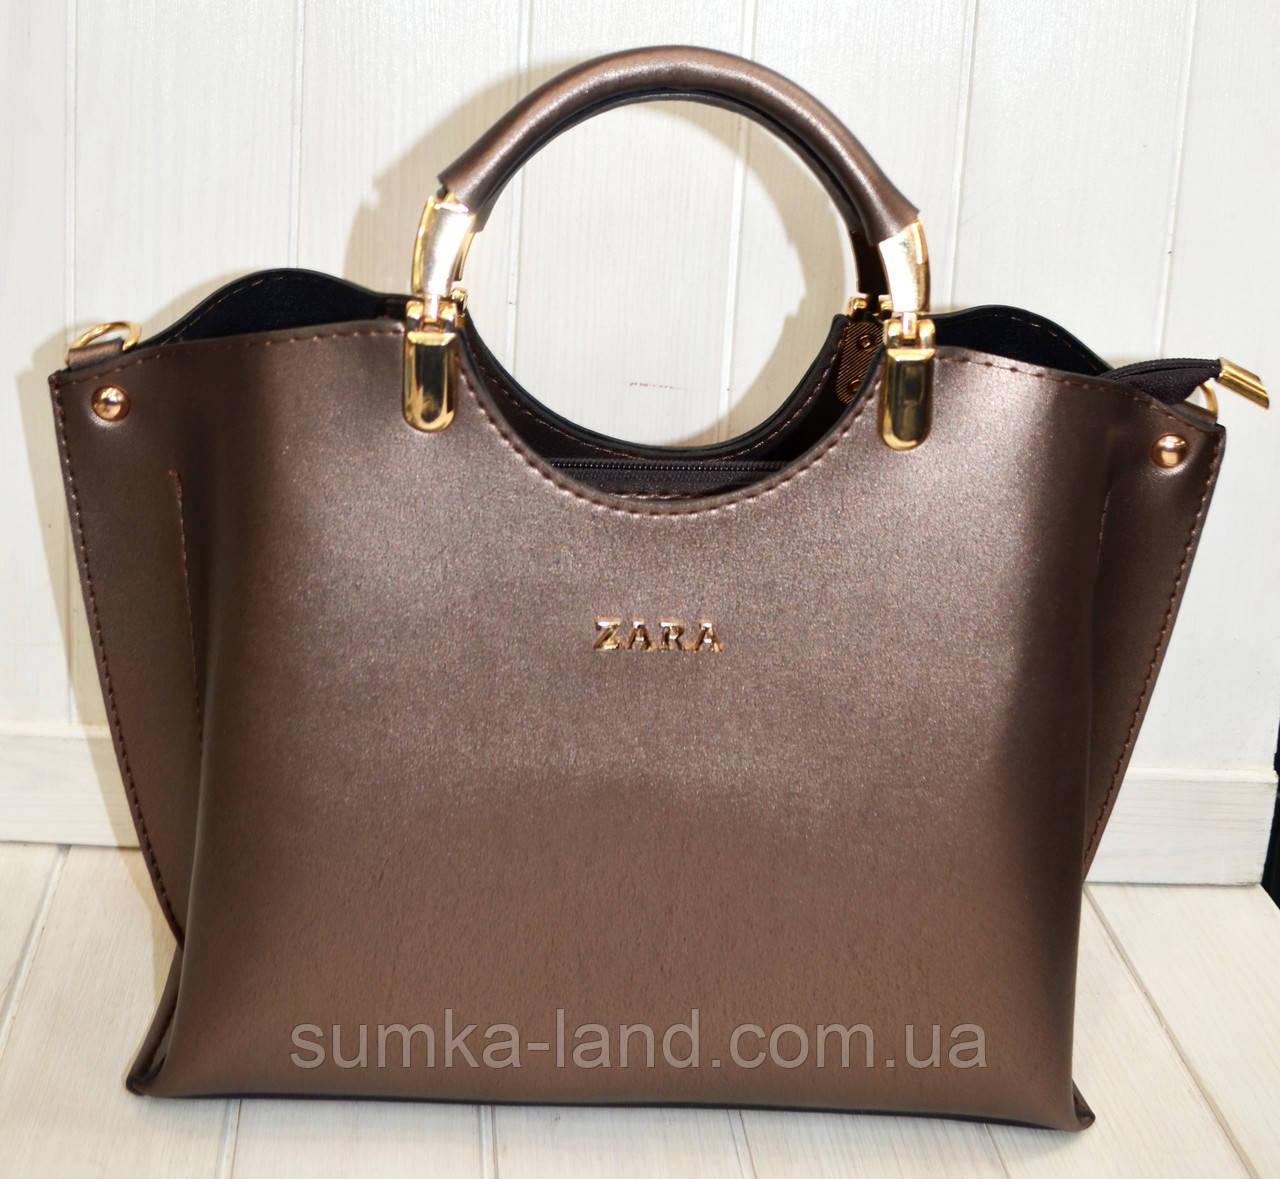 9bba91234dec Женская сумка стильная Zara бронзовая из эко-кожи 27*22 см: продажа ...